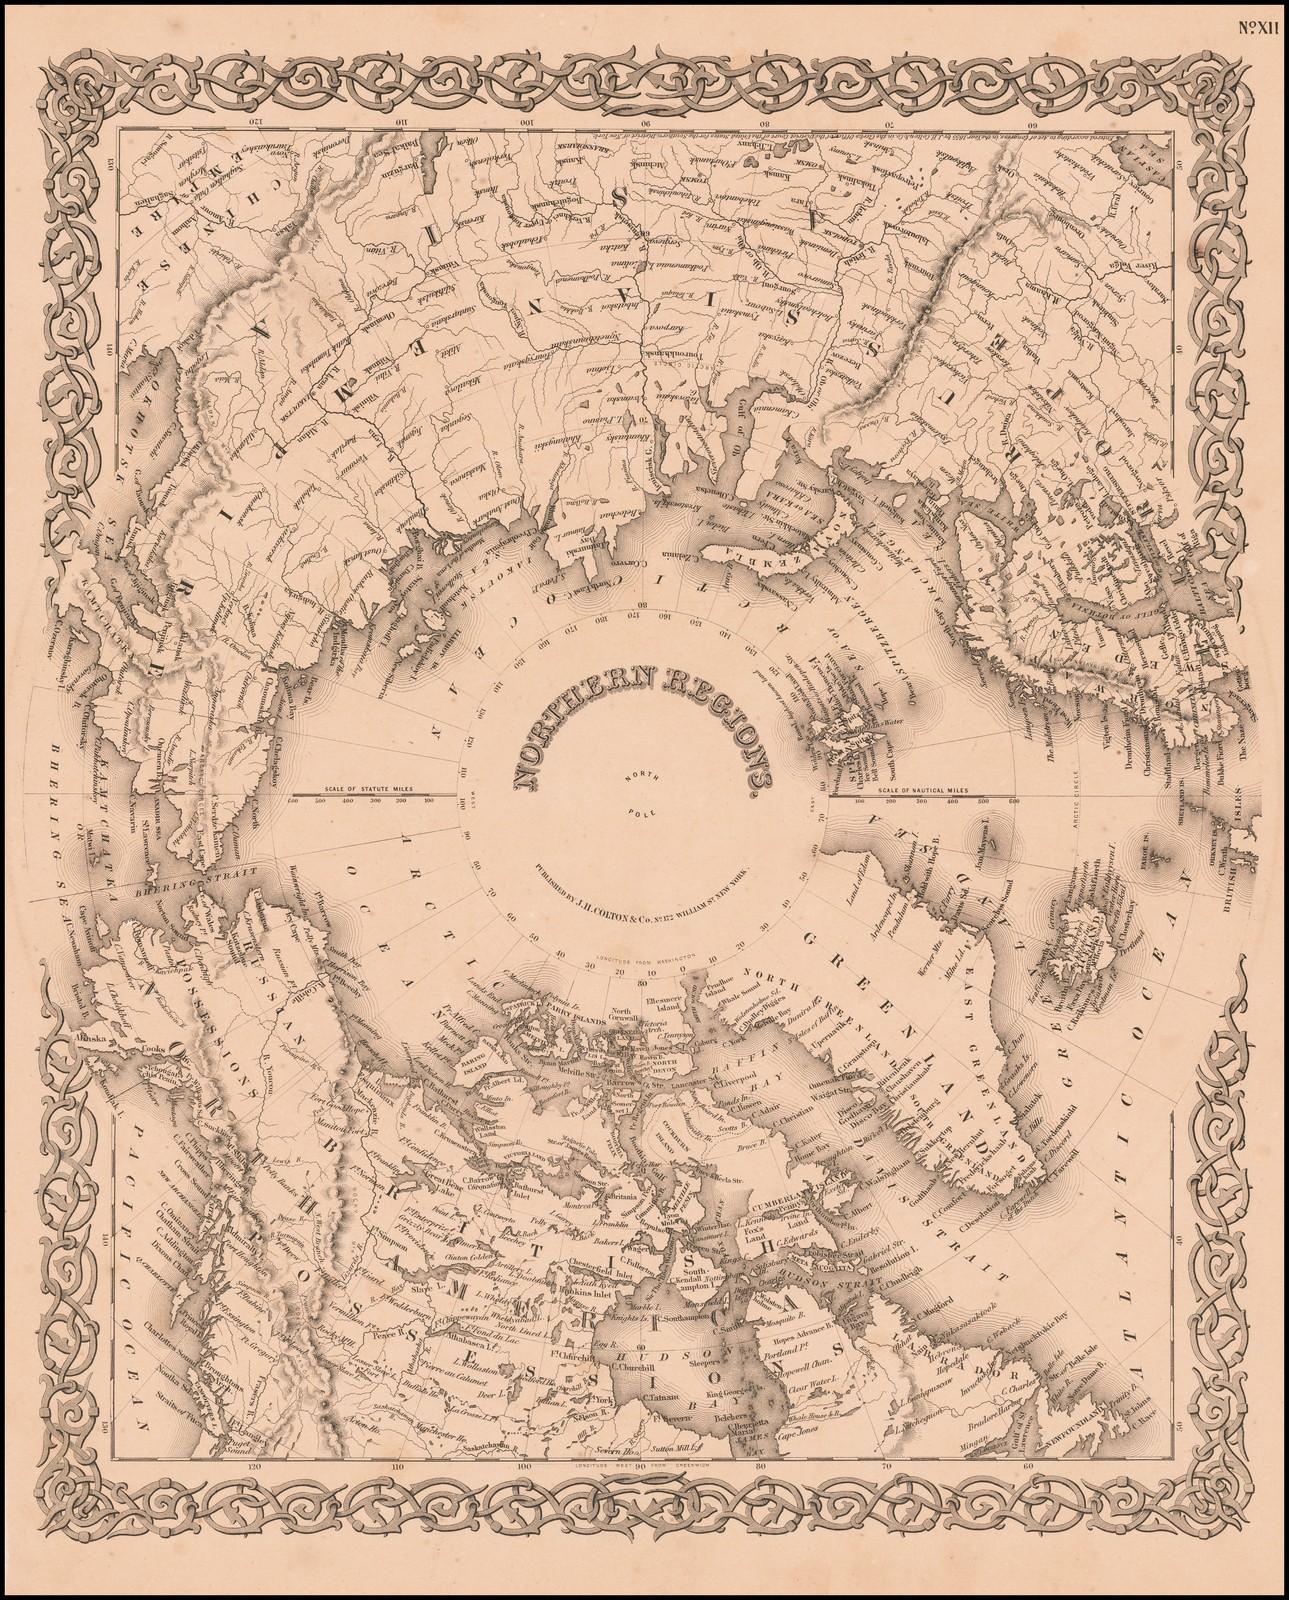 Подробная карта регионов вокруг Северного полюса, опубликованная Джозефом Колтоном в Нью-Йорке